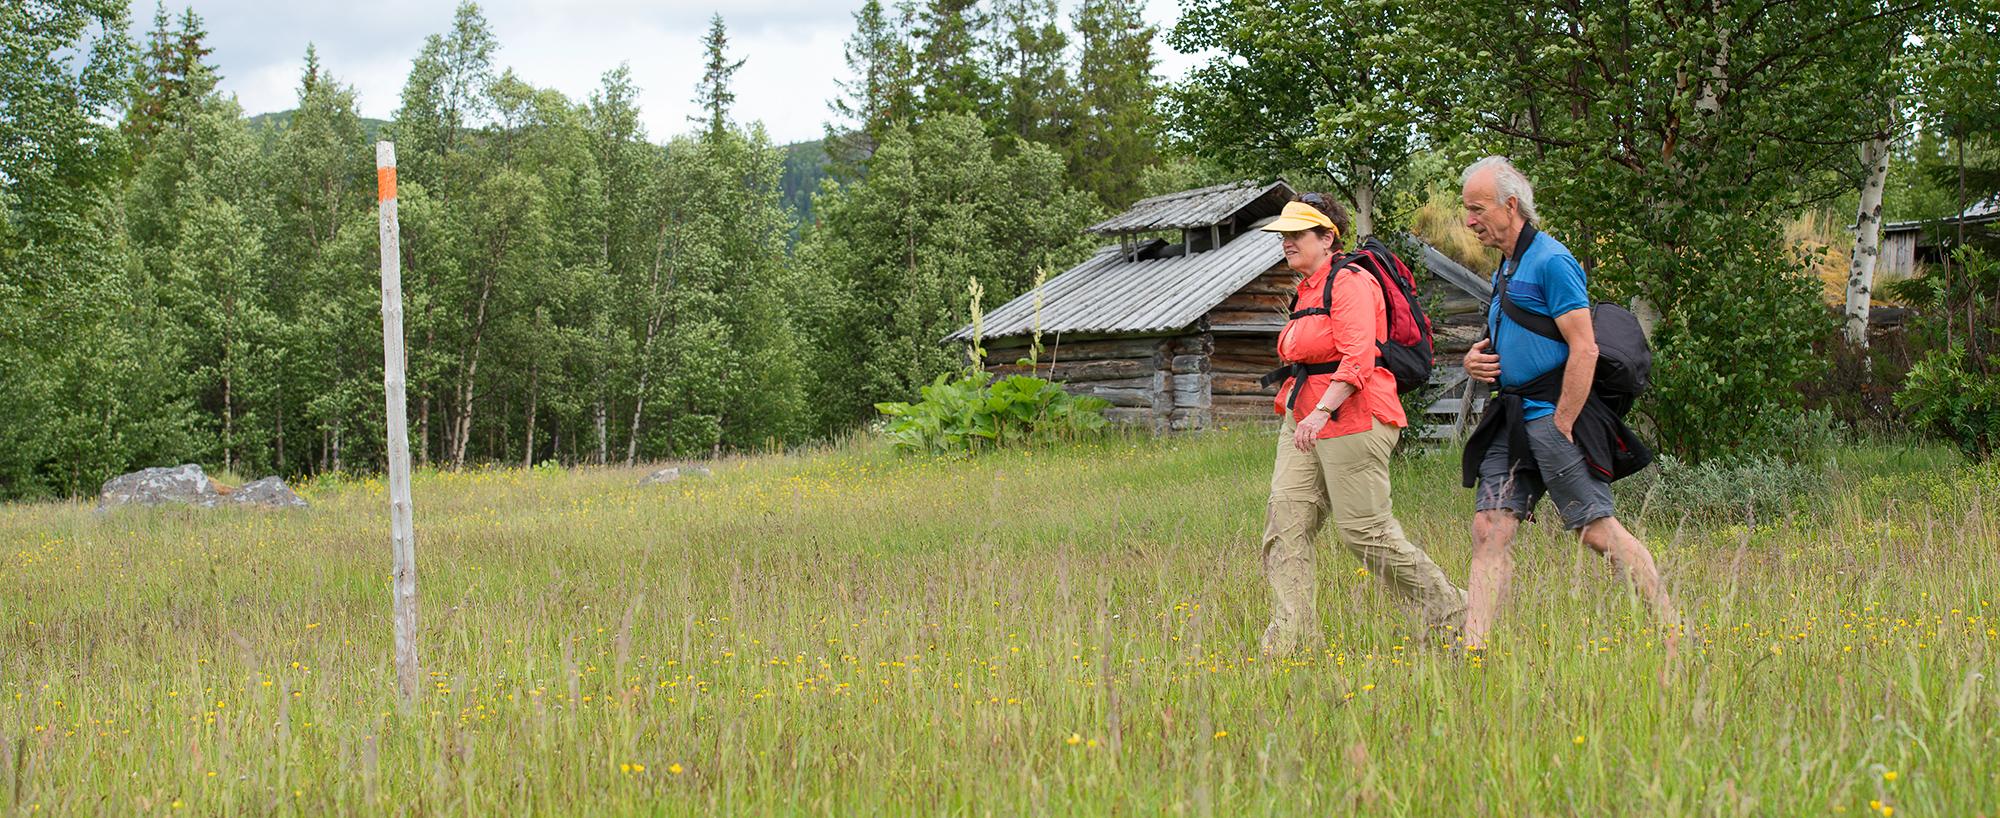 Fäbodrundturen Vid Bottenvallen är En Fjällupplevelse I Världsklass I Södra Årefjällen.